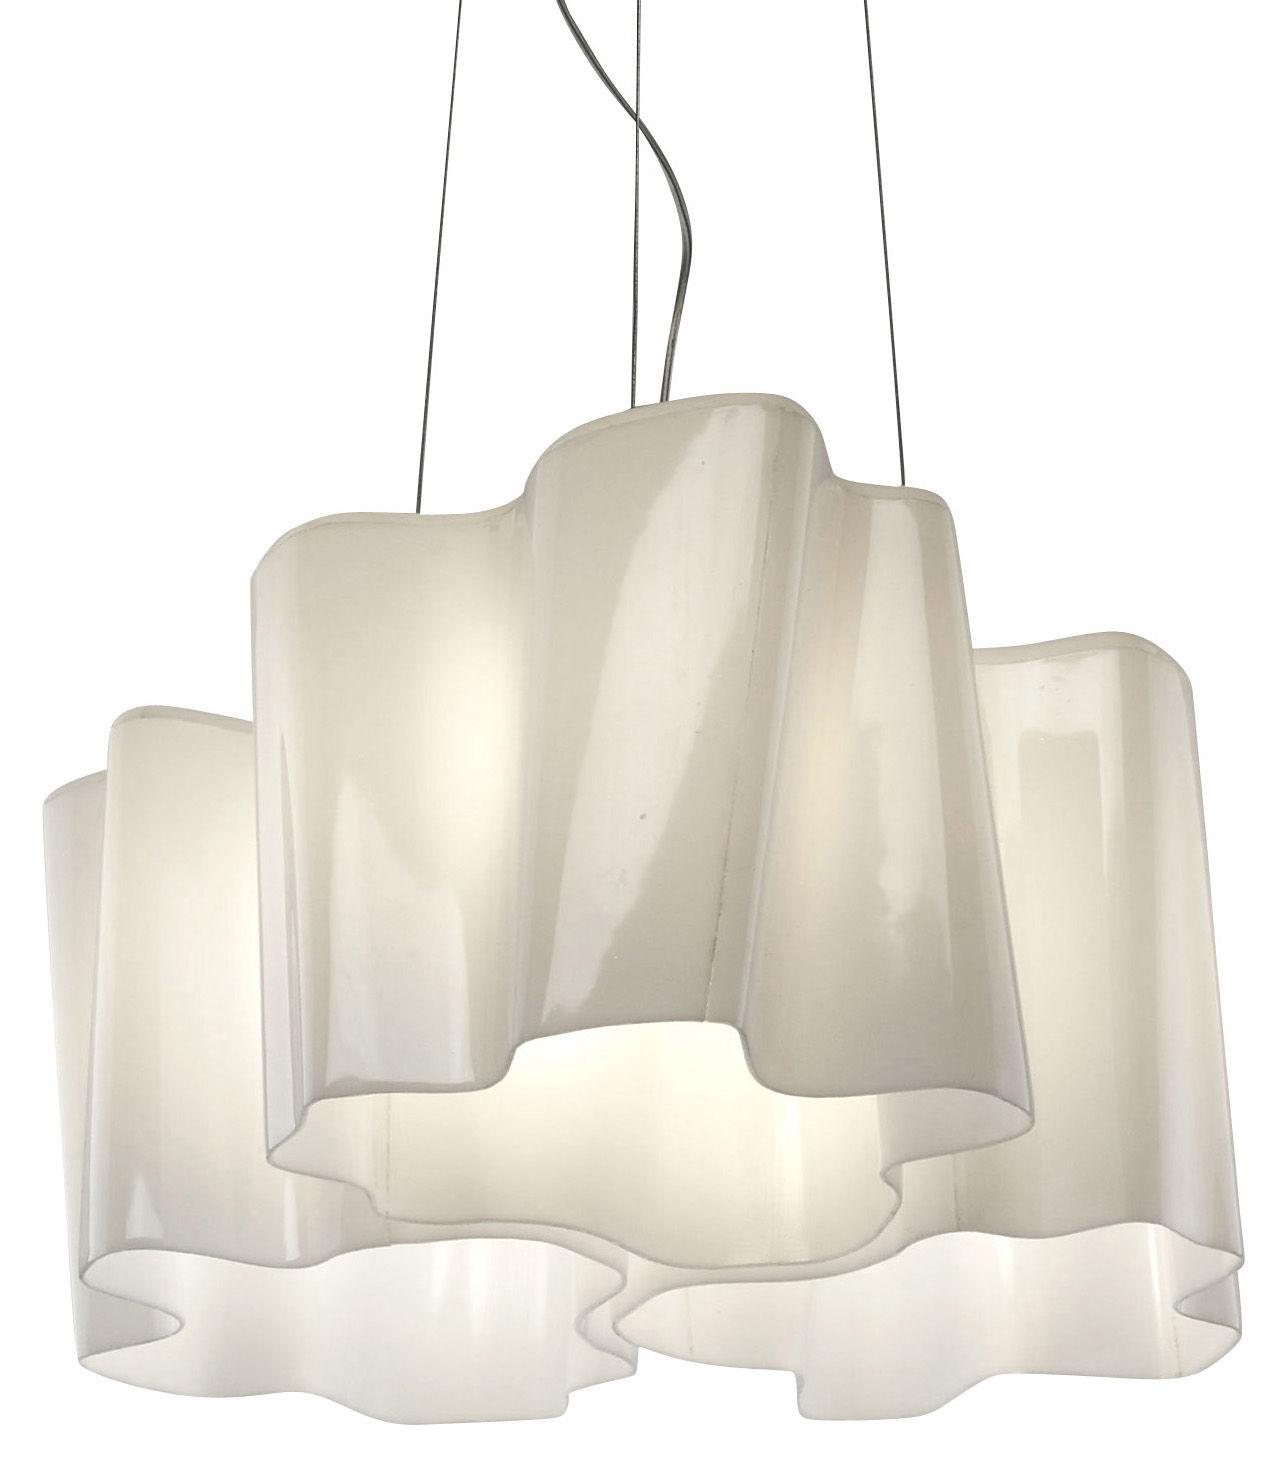 Illuminazione - Lampadari - Sospensione Logico Mini - 3 elementi x120° di Artemide - Bianco - mini - vetro soffiato